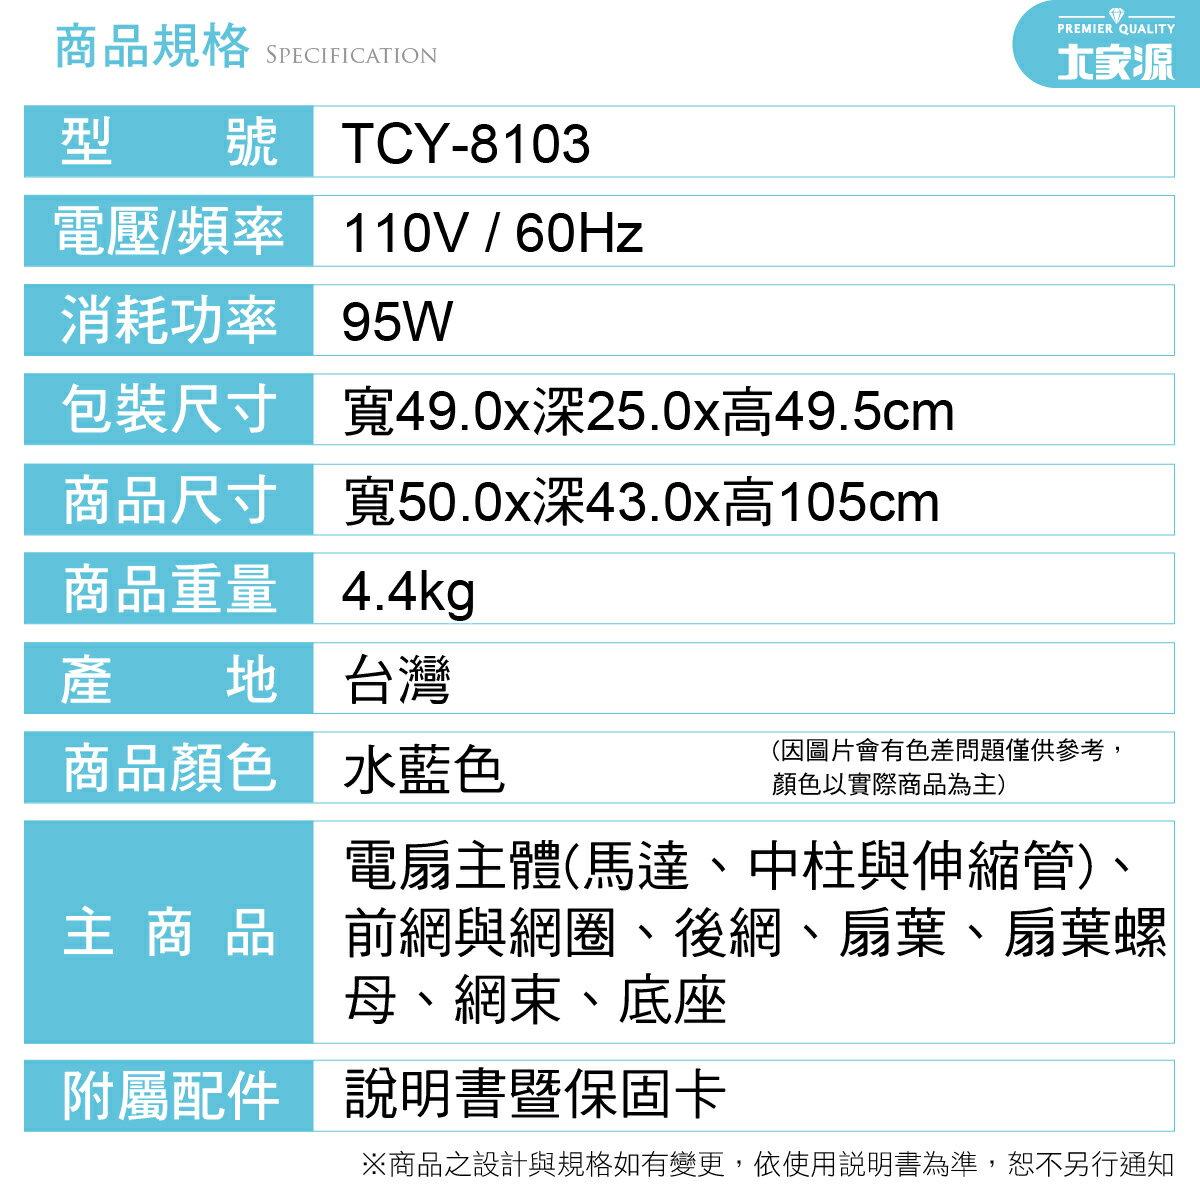 🔥現貨 / 免運🚚※免運喔🔥大家源 18吋立扇 / 電風扇 TCY-8103 8